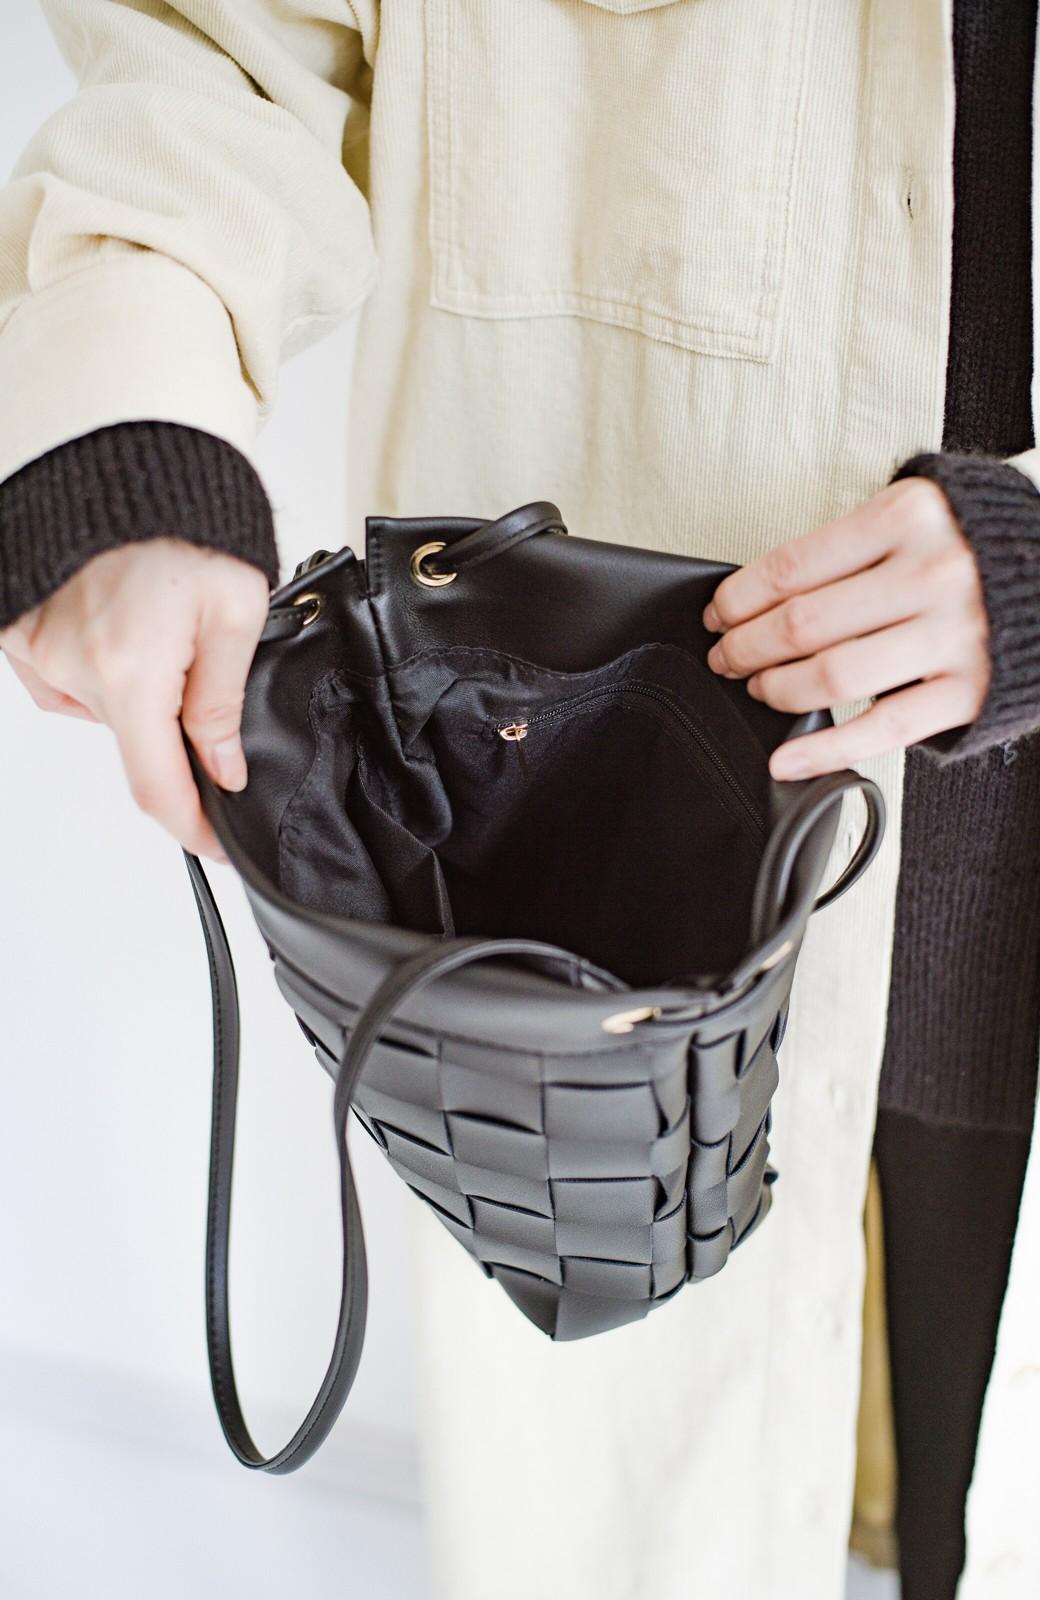 haco! さっと持って女っぽ 手編みメッシュが上品なやわらかフェイクレザーのトートバッグ <ブラック>の商品写真9